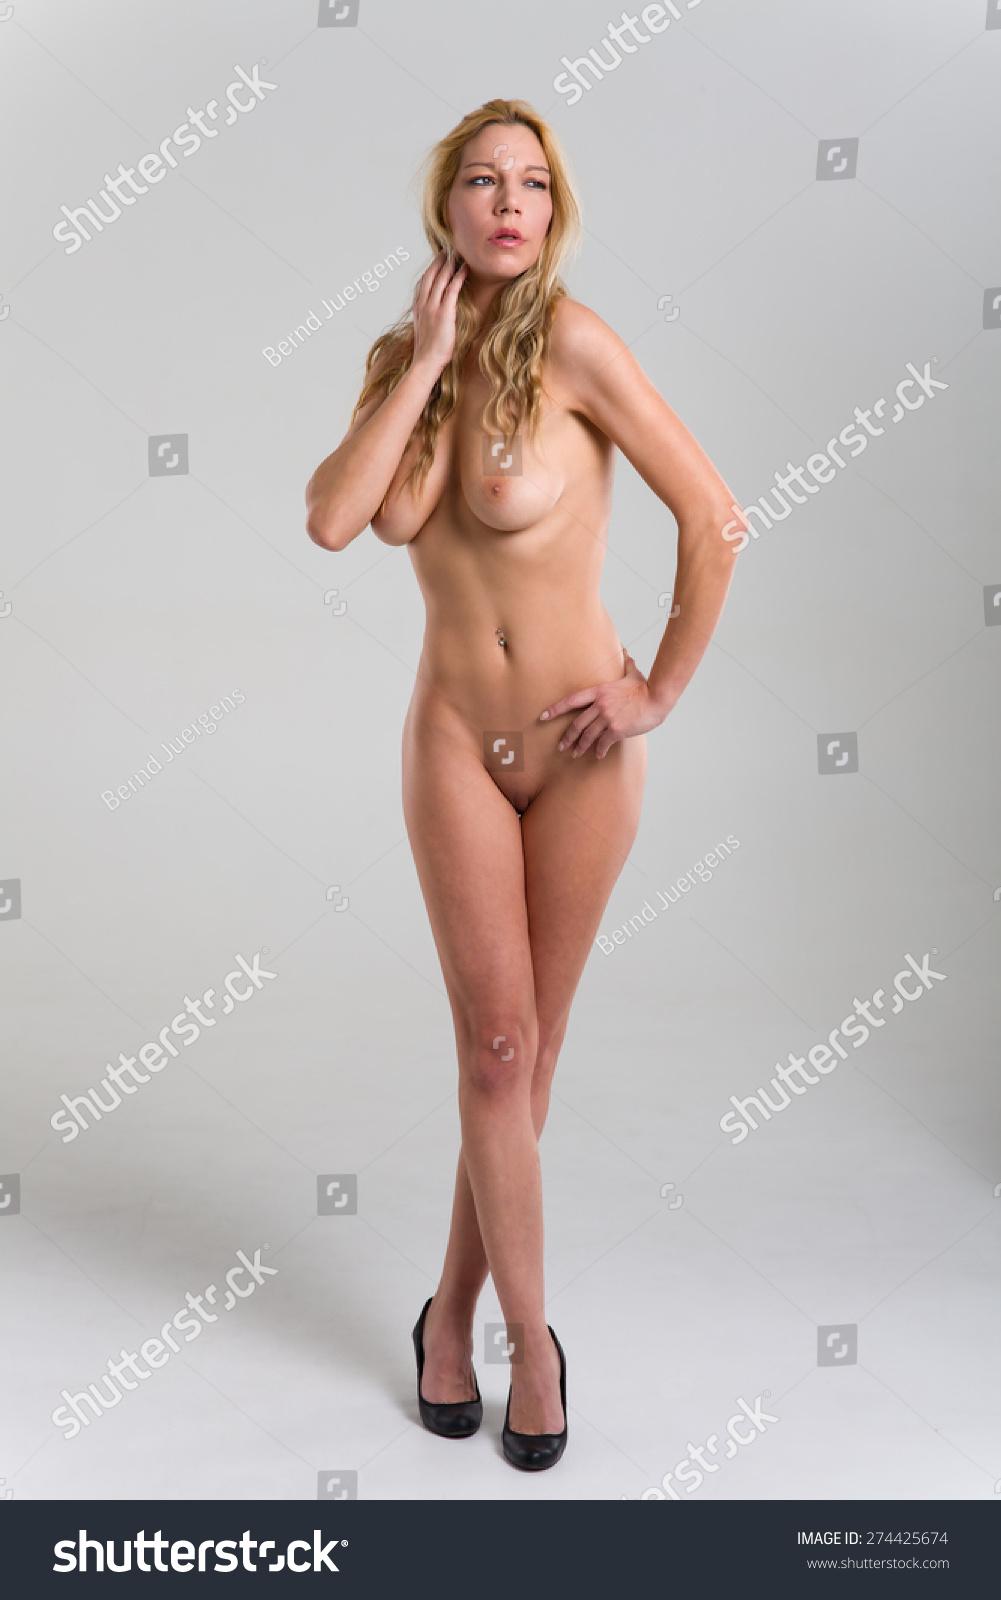 who is zendaya coleman dating 2012